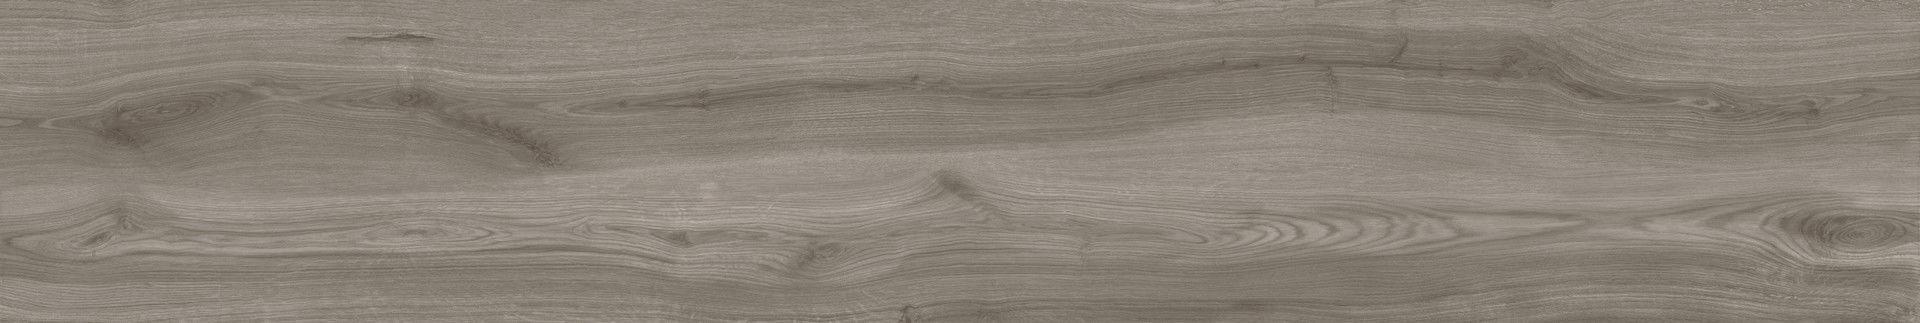 Tau Ceramica Origin Umber 20x120 płytka drewnopodobna